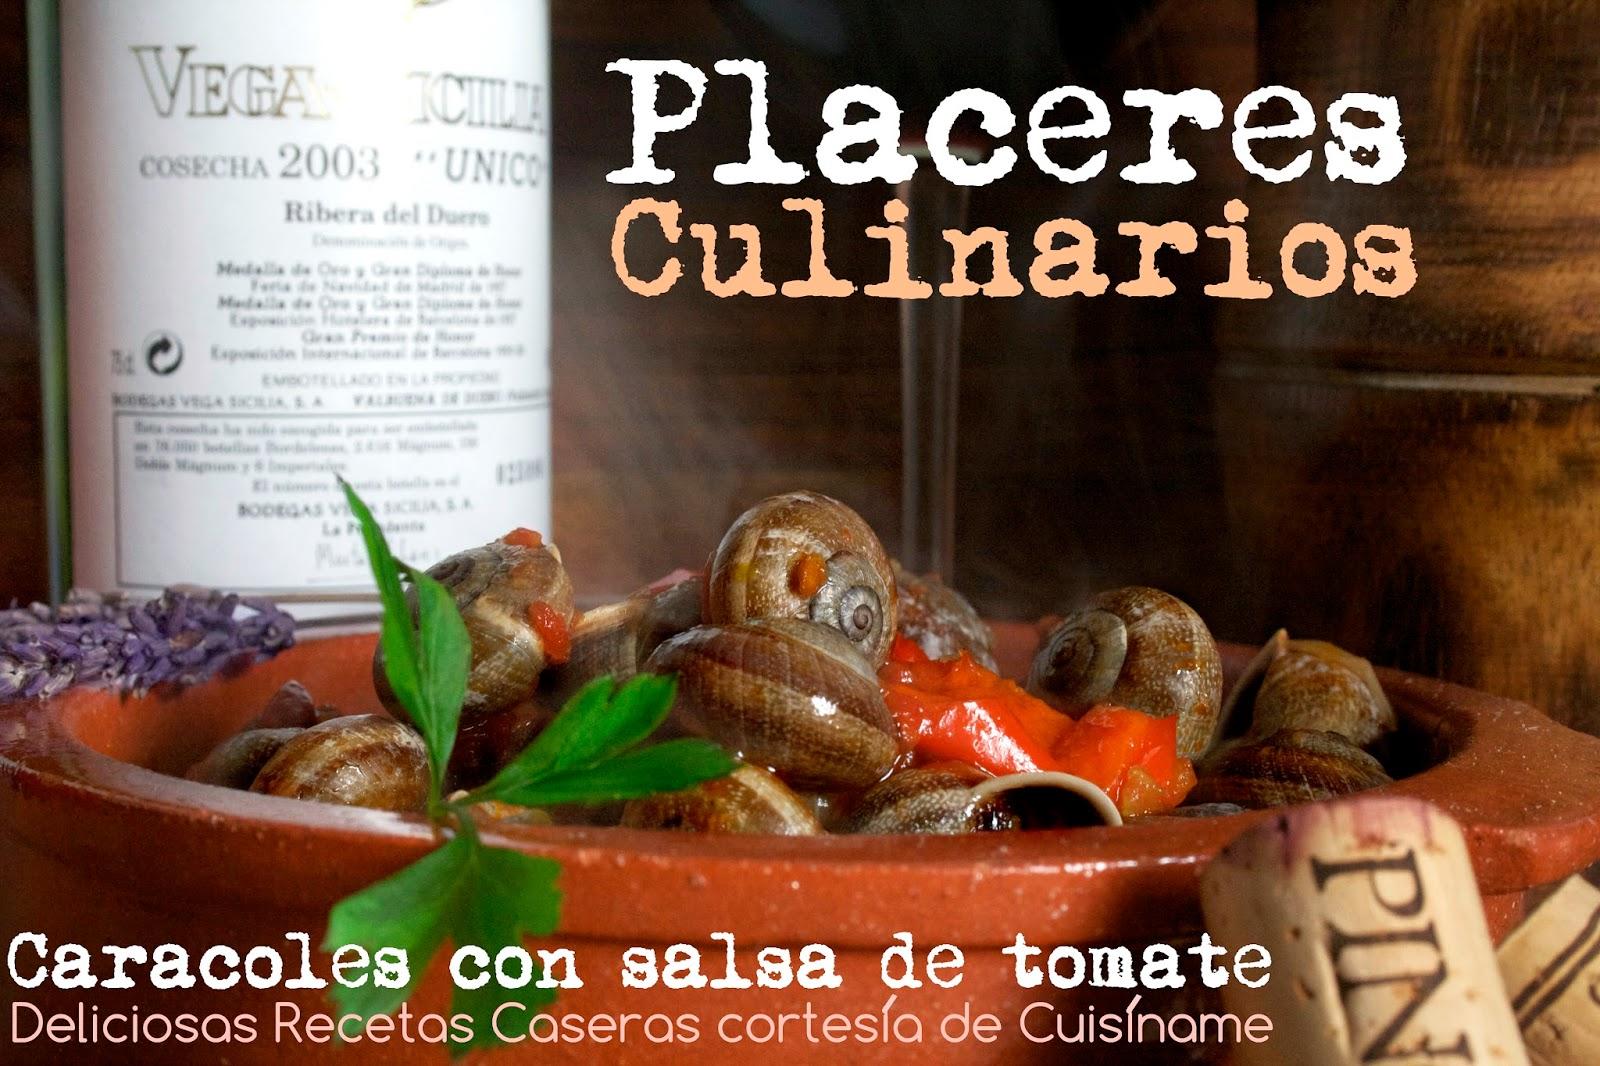 caracoles, receta caracoles, caracoles en salsa, salsa de tomate, sofrito, carne, recetas caseras, recetas originales, recetas de cocina, yummy recipes